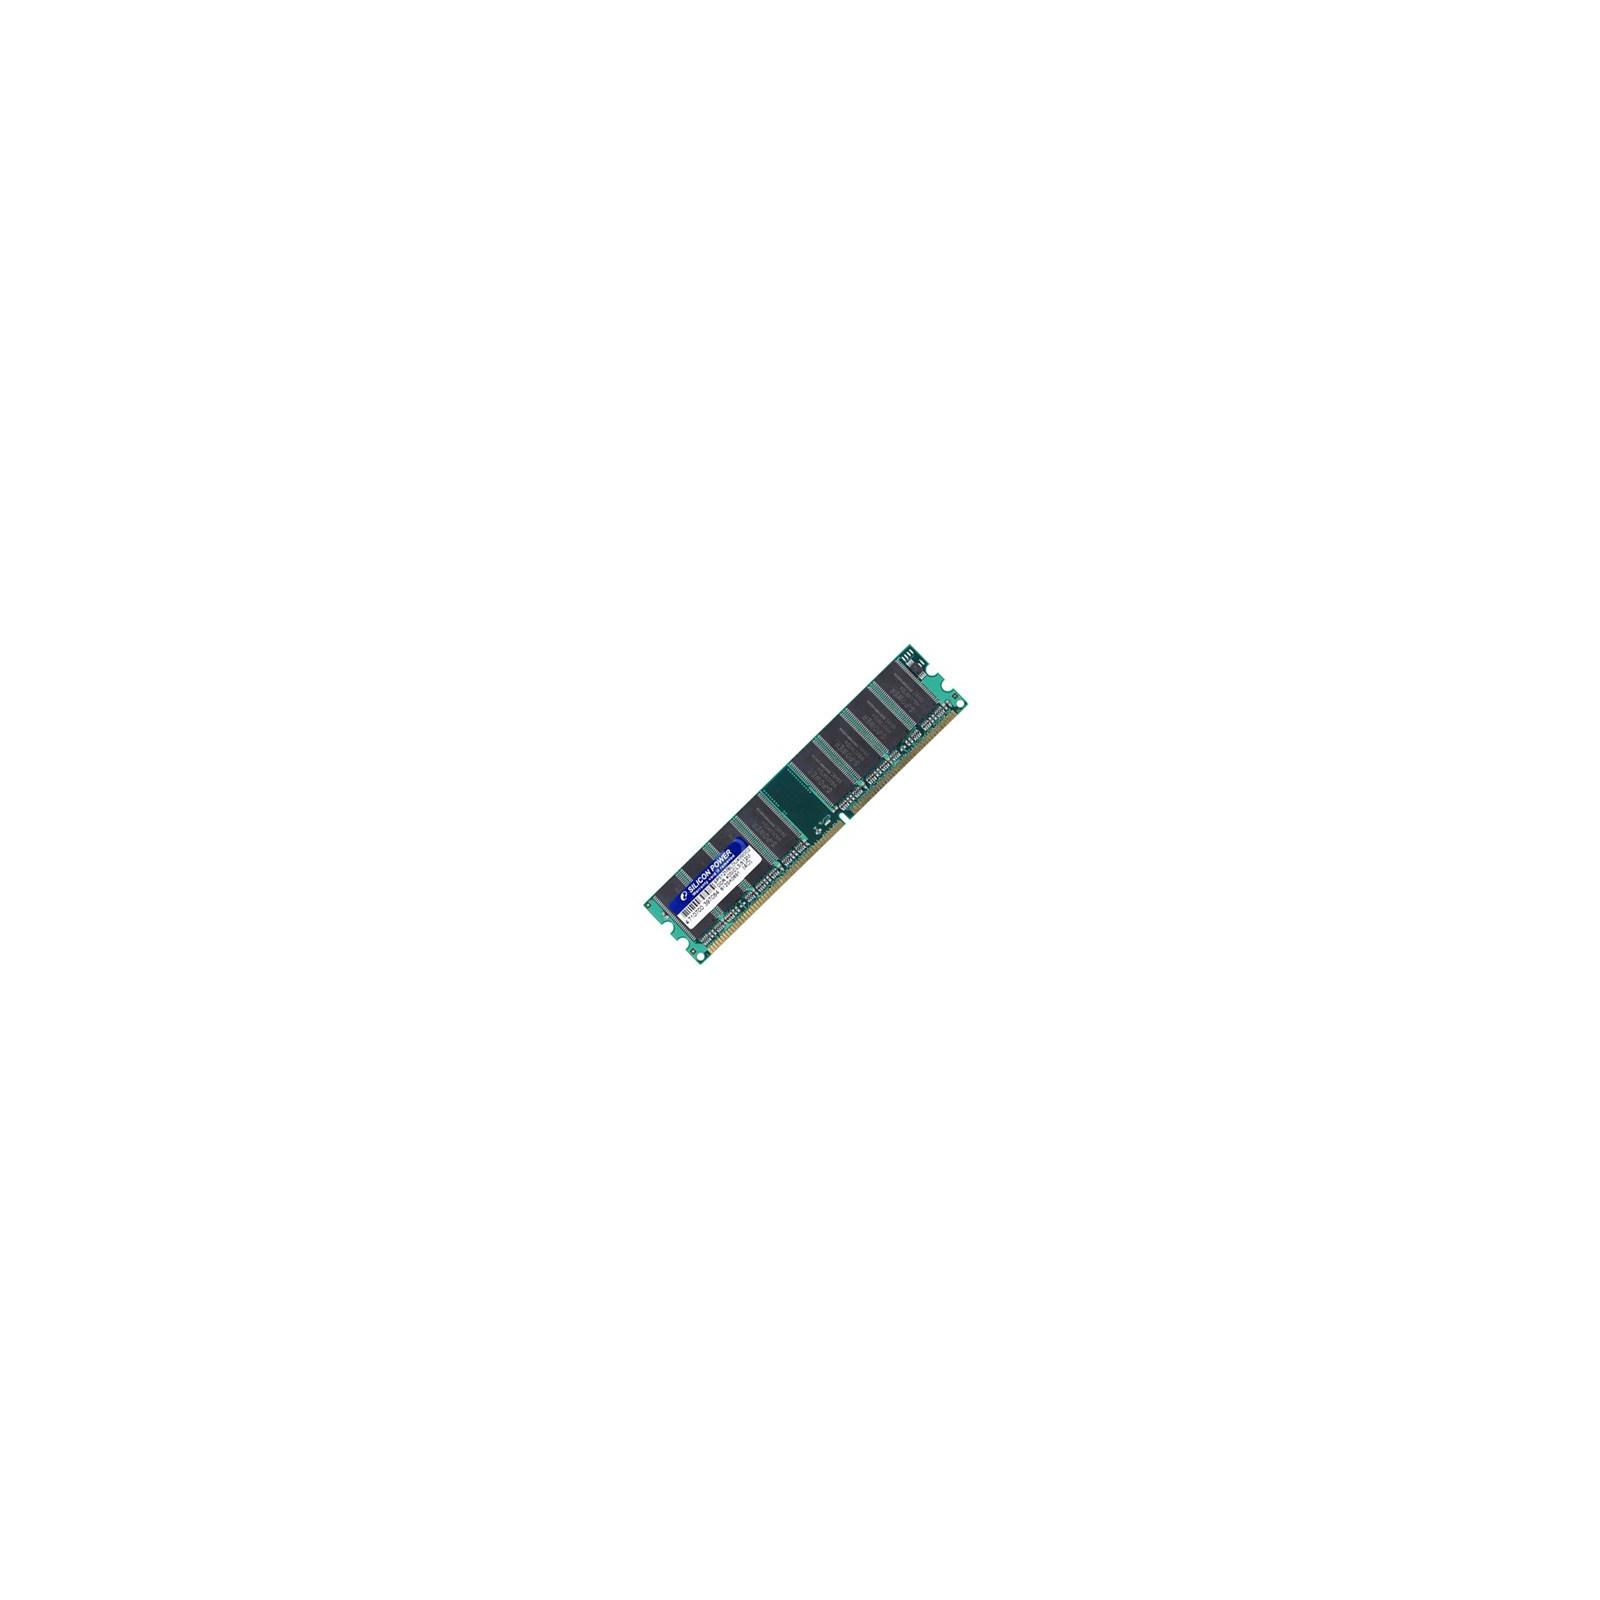 Модуль памяти для компьютера DDR SDRAM 512MB 400 MHz Silicon Power (SP512MBLDU400O02)